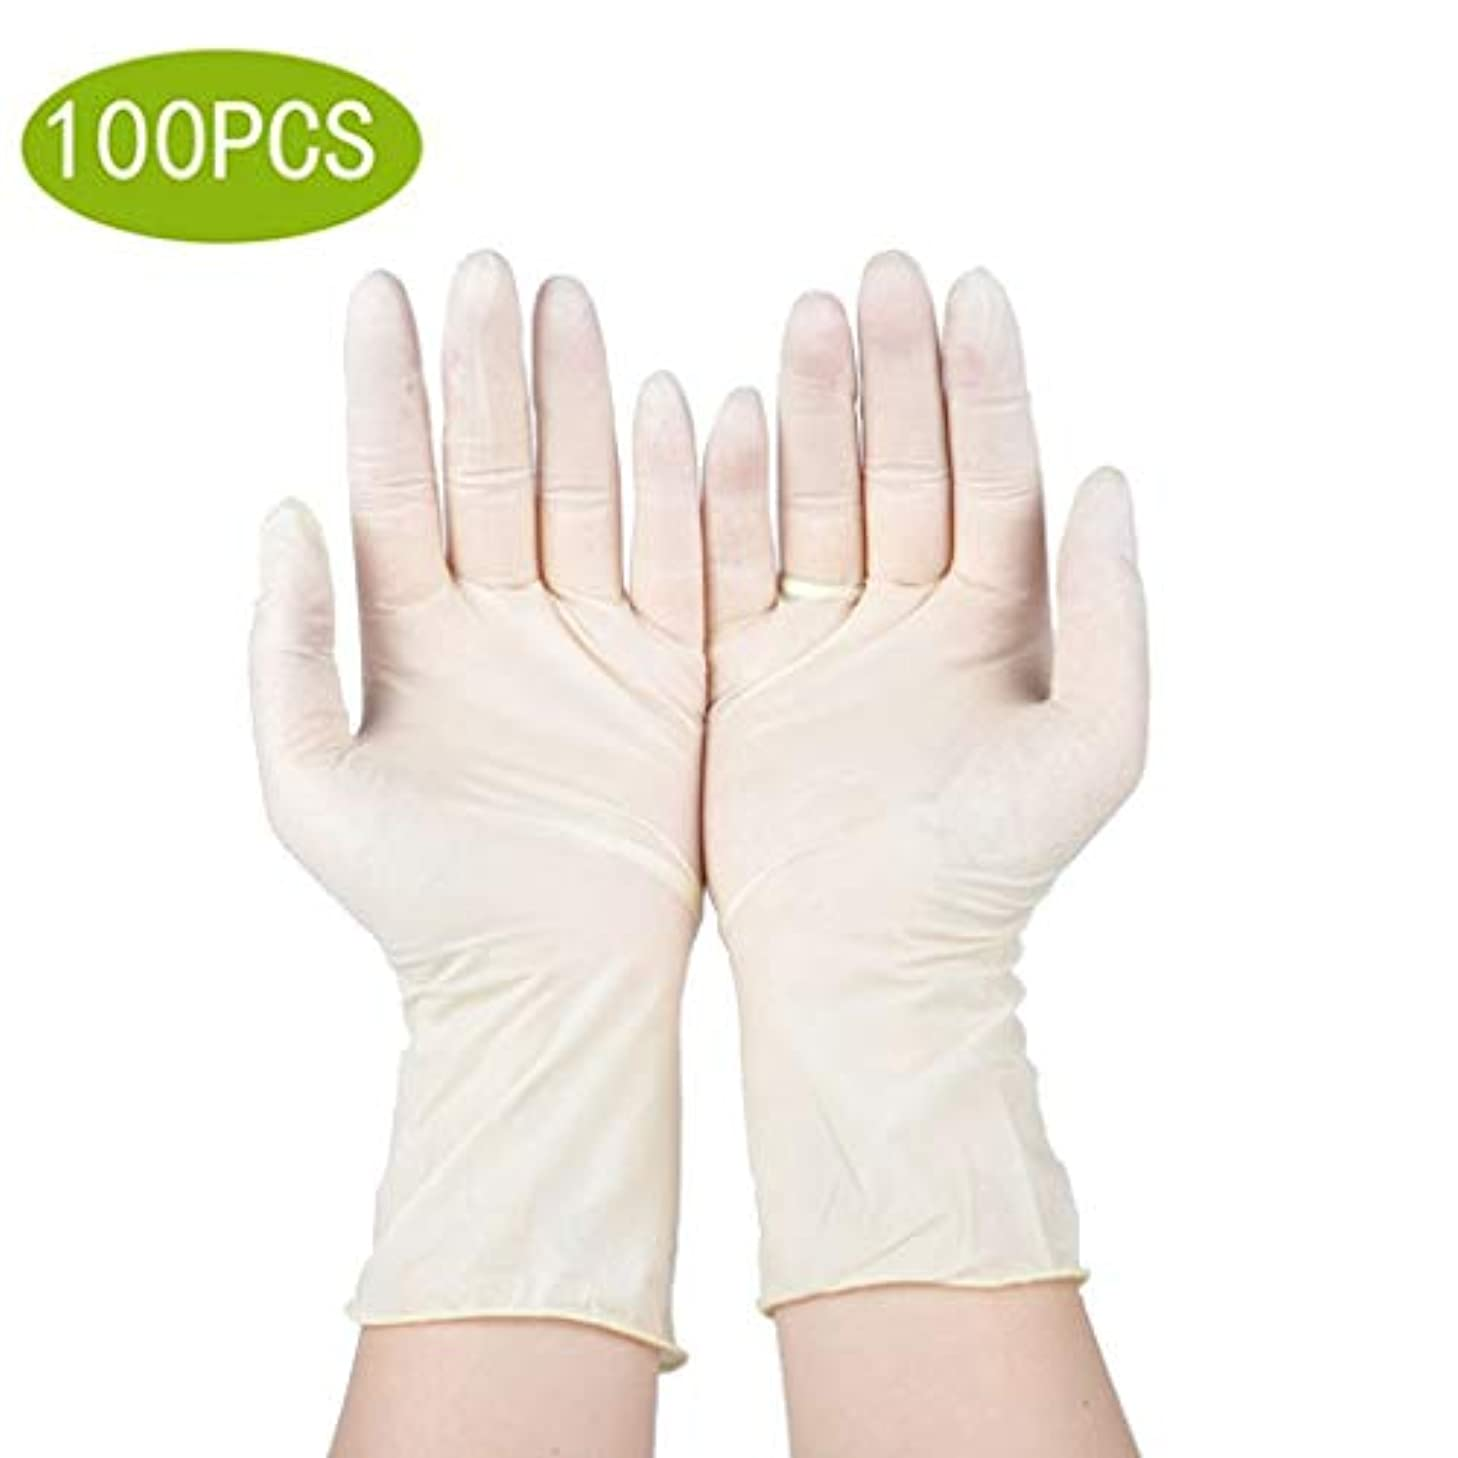 直径船酔い分ニトリル手袋義務使い捨てビニール手袋、100カウント、特大 - パウダーフリー、両性、極度の快適さ、特別に強く、丈夫で伸縮性がある、医療、食品、マルチユース (Color : Latex Gloves, Size : M)